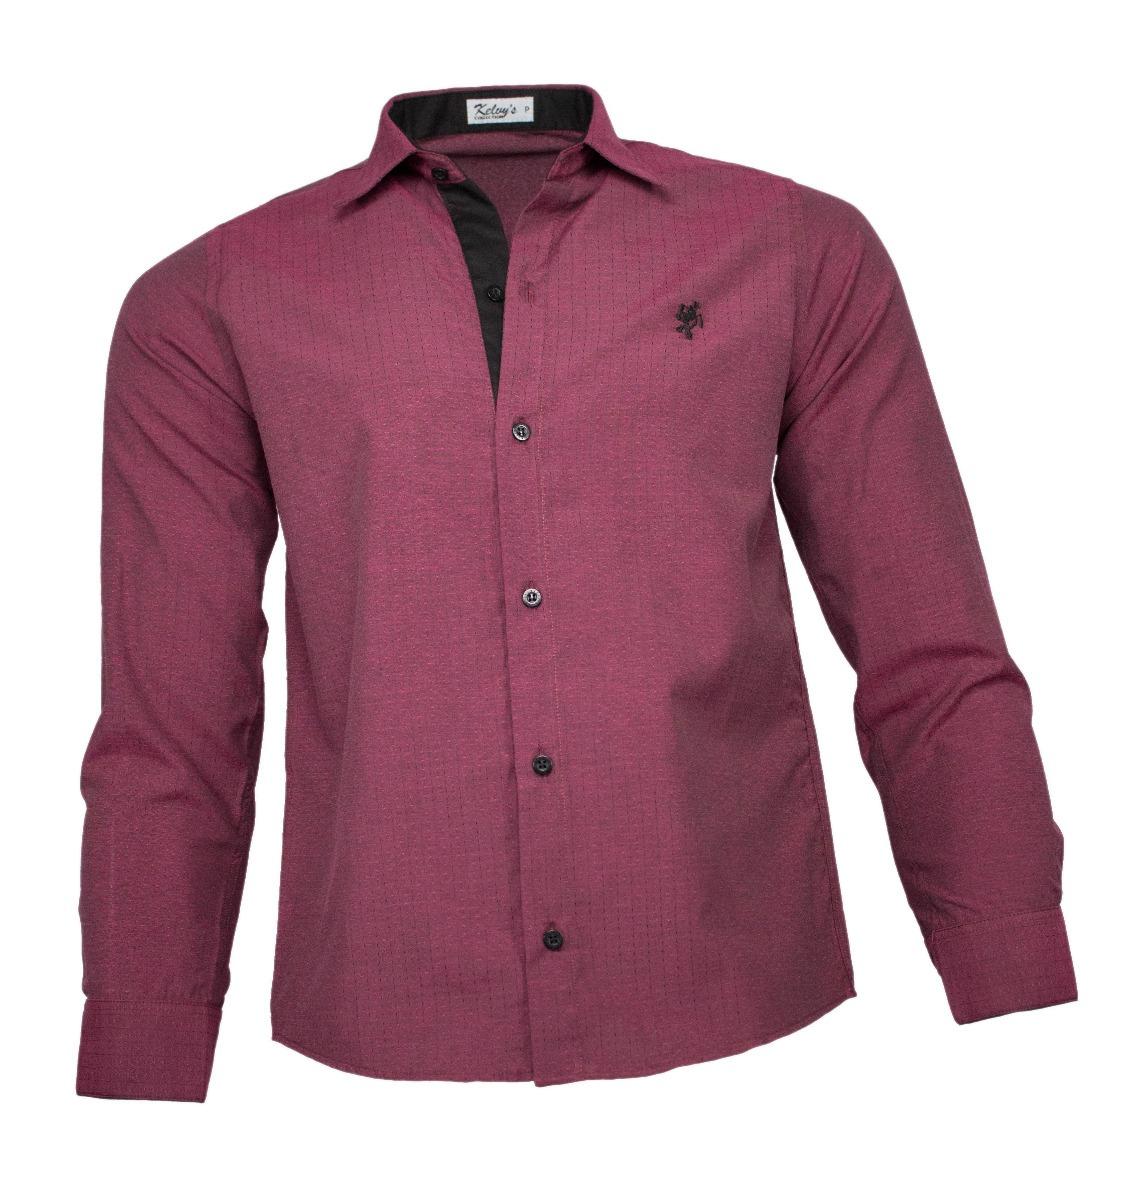 camisa social masculina marsala maquinetado. Carregando zoom. bdcdd4fa29e